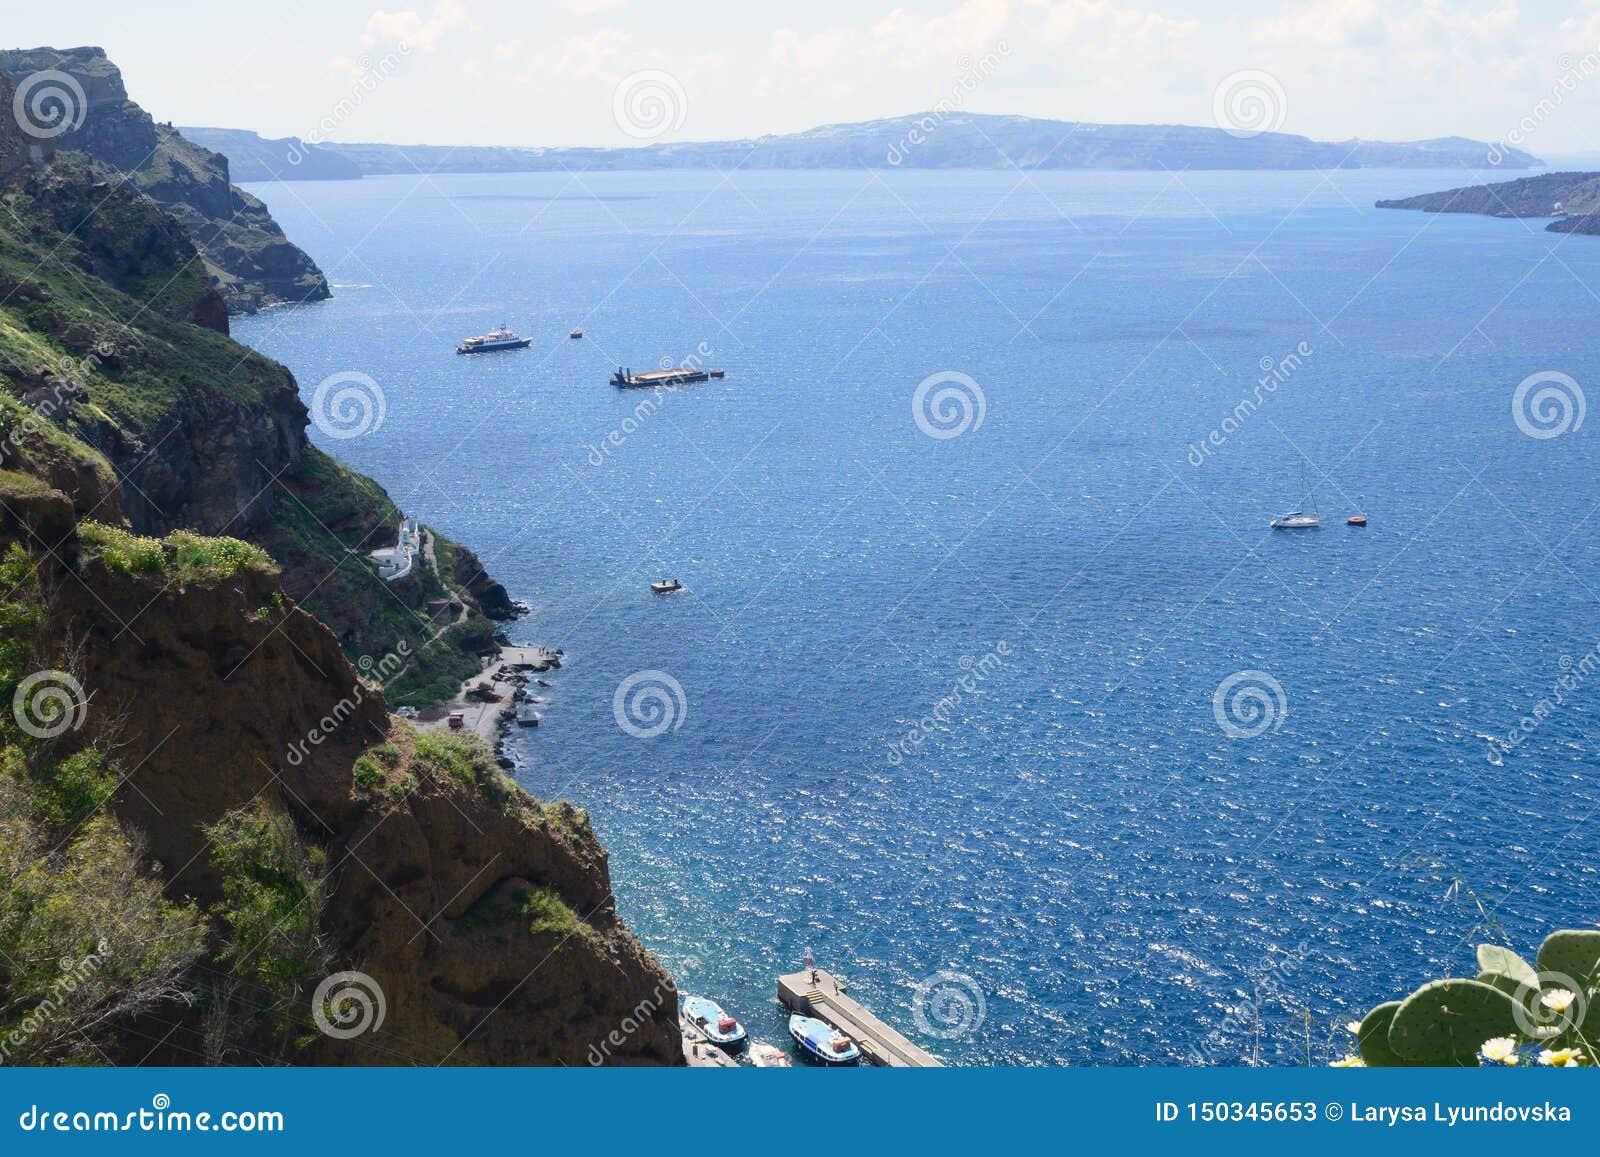 Schöne Ansicht des Meeres, der Yachten und der Berge bedeckt mit Blumen